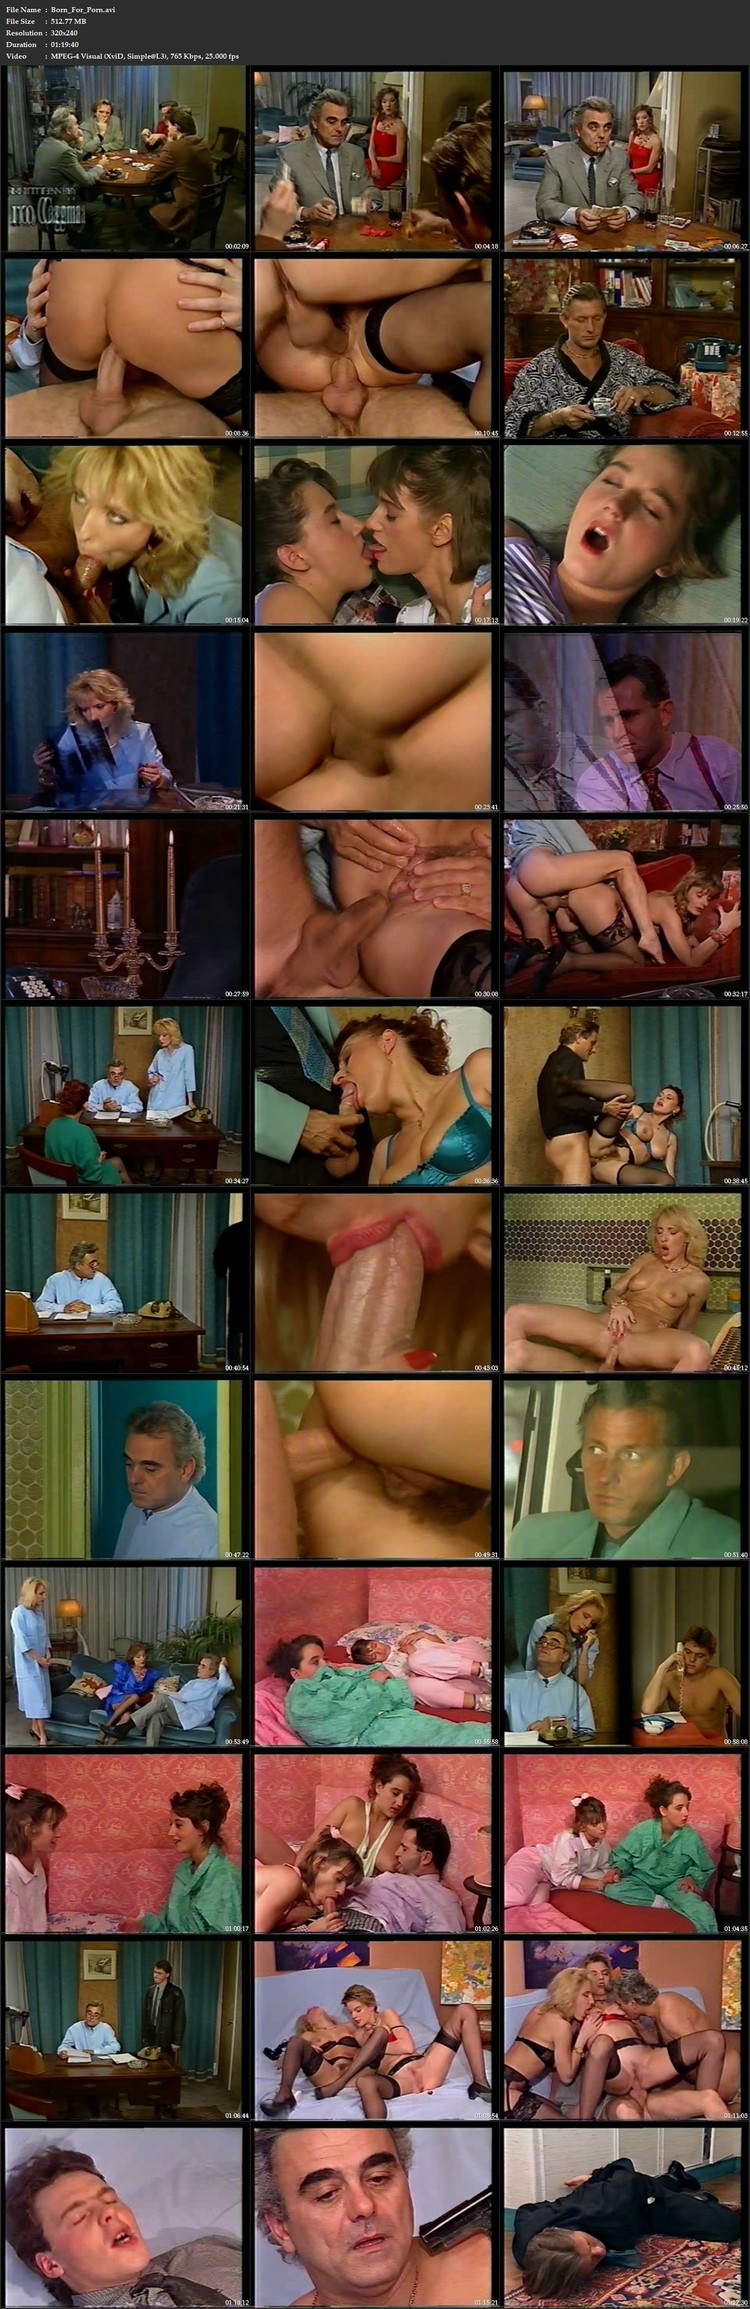 http://ist3-6.filesor.com/pimpandhost.com/1/_/_/_/1/4/i/t/o/4itoD/Born_For_Porn.avi_l.jpg